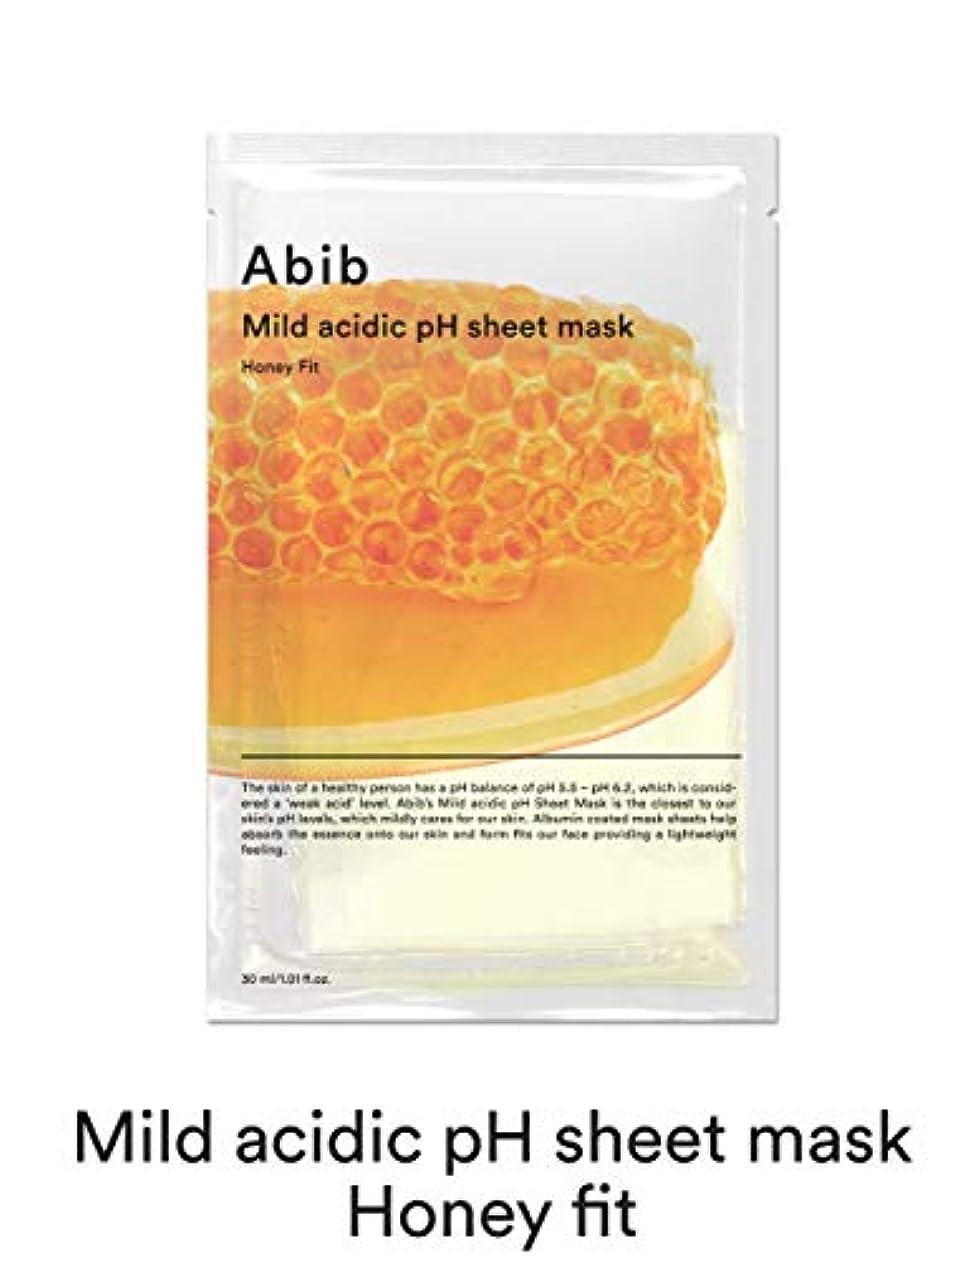 キモいドーム調停する[Abib] アビブ弱酸性pHシートマスクハニーフィット 30mlx10枚 / ABIB MILD ACIDIC pH SHEET MASK HONEY FIT 30mlx10EA [並行輸入品]